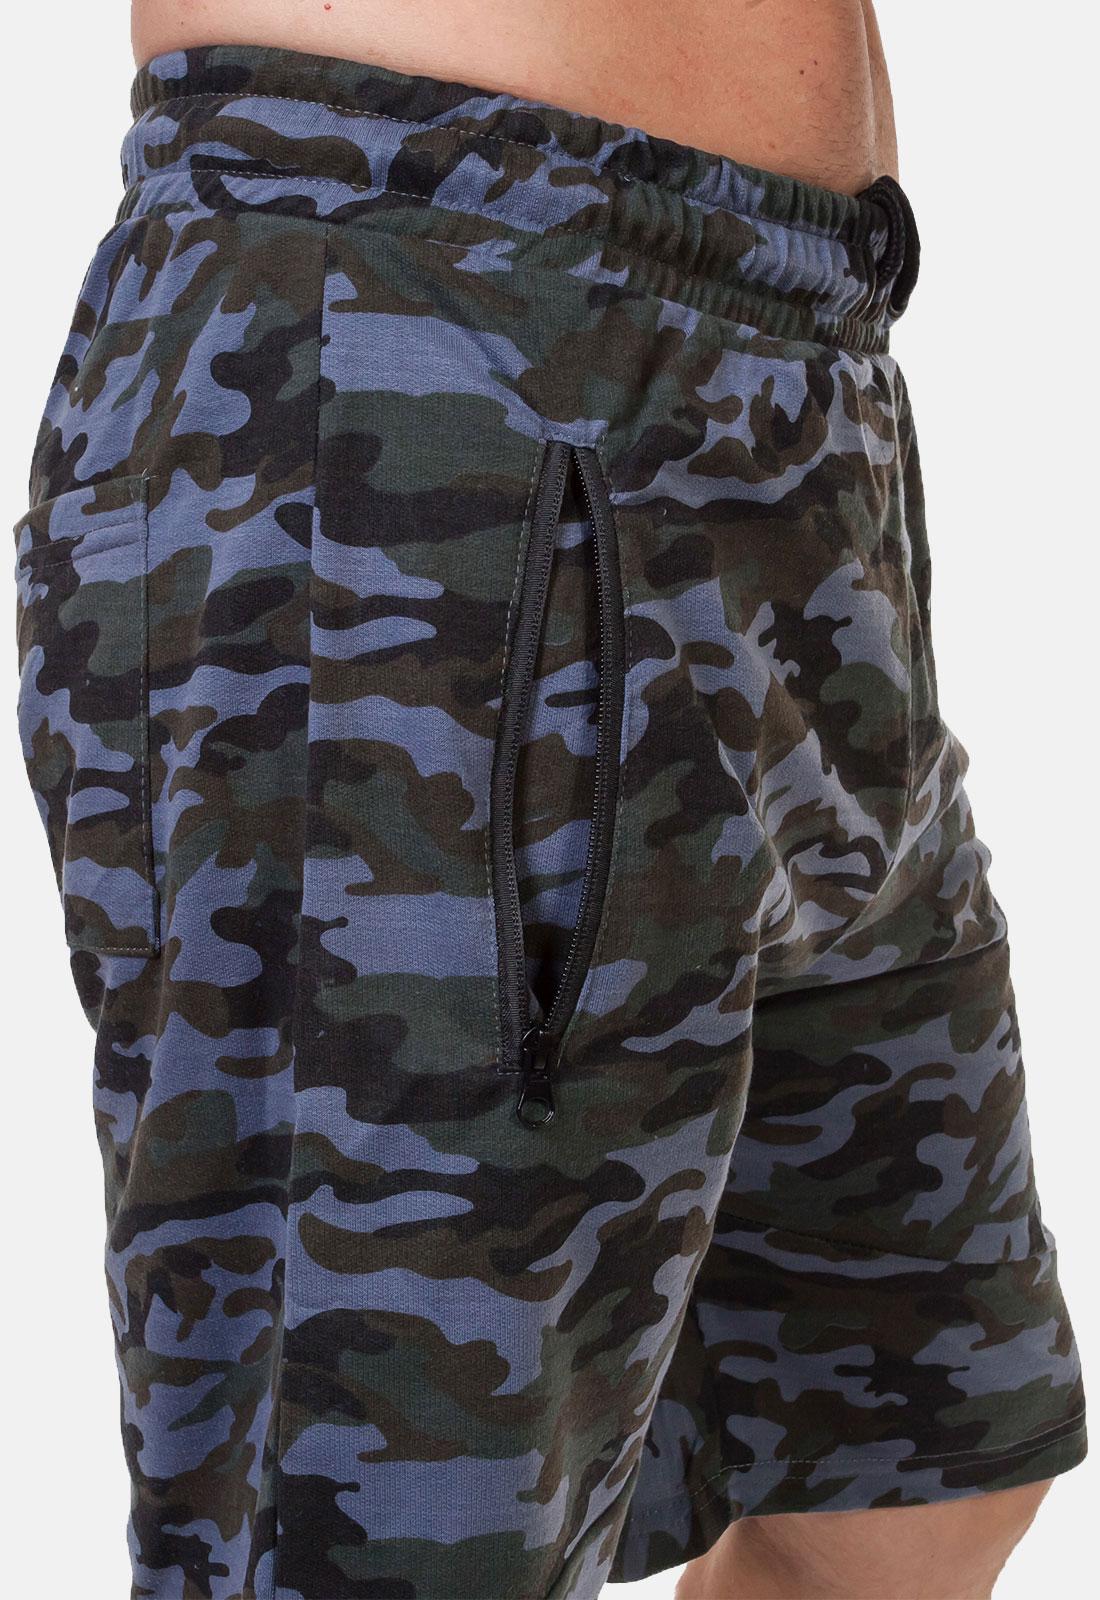 Камуфлированные мужские шорты с нашивкой Россия - купить с доставкой